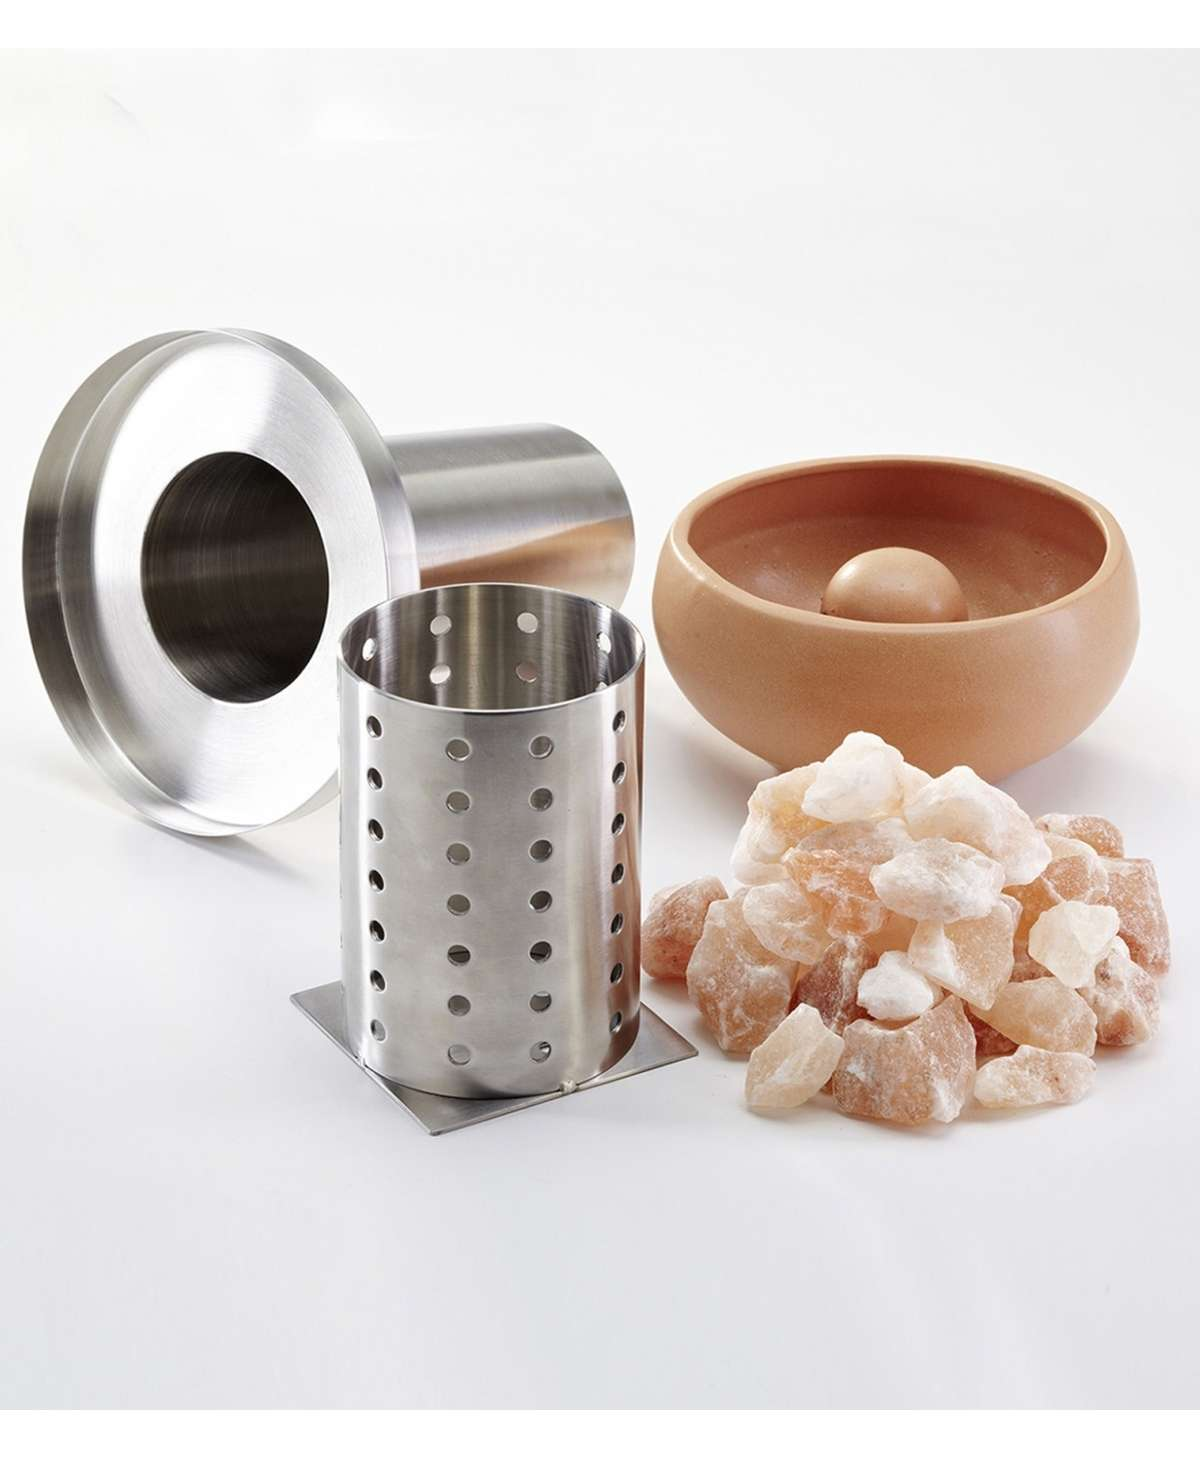 Salzverdampfer sole aqua premium2